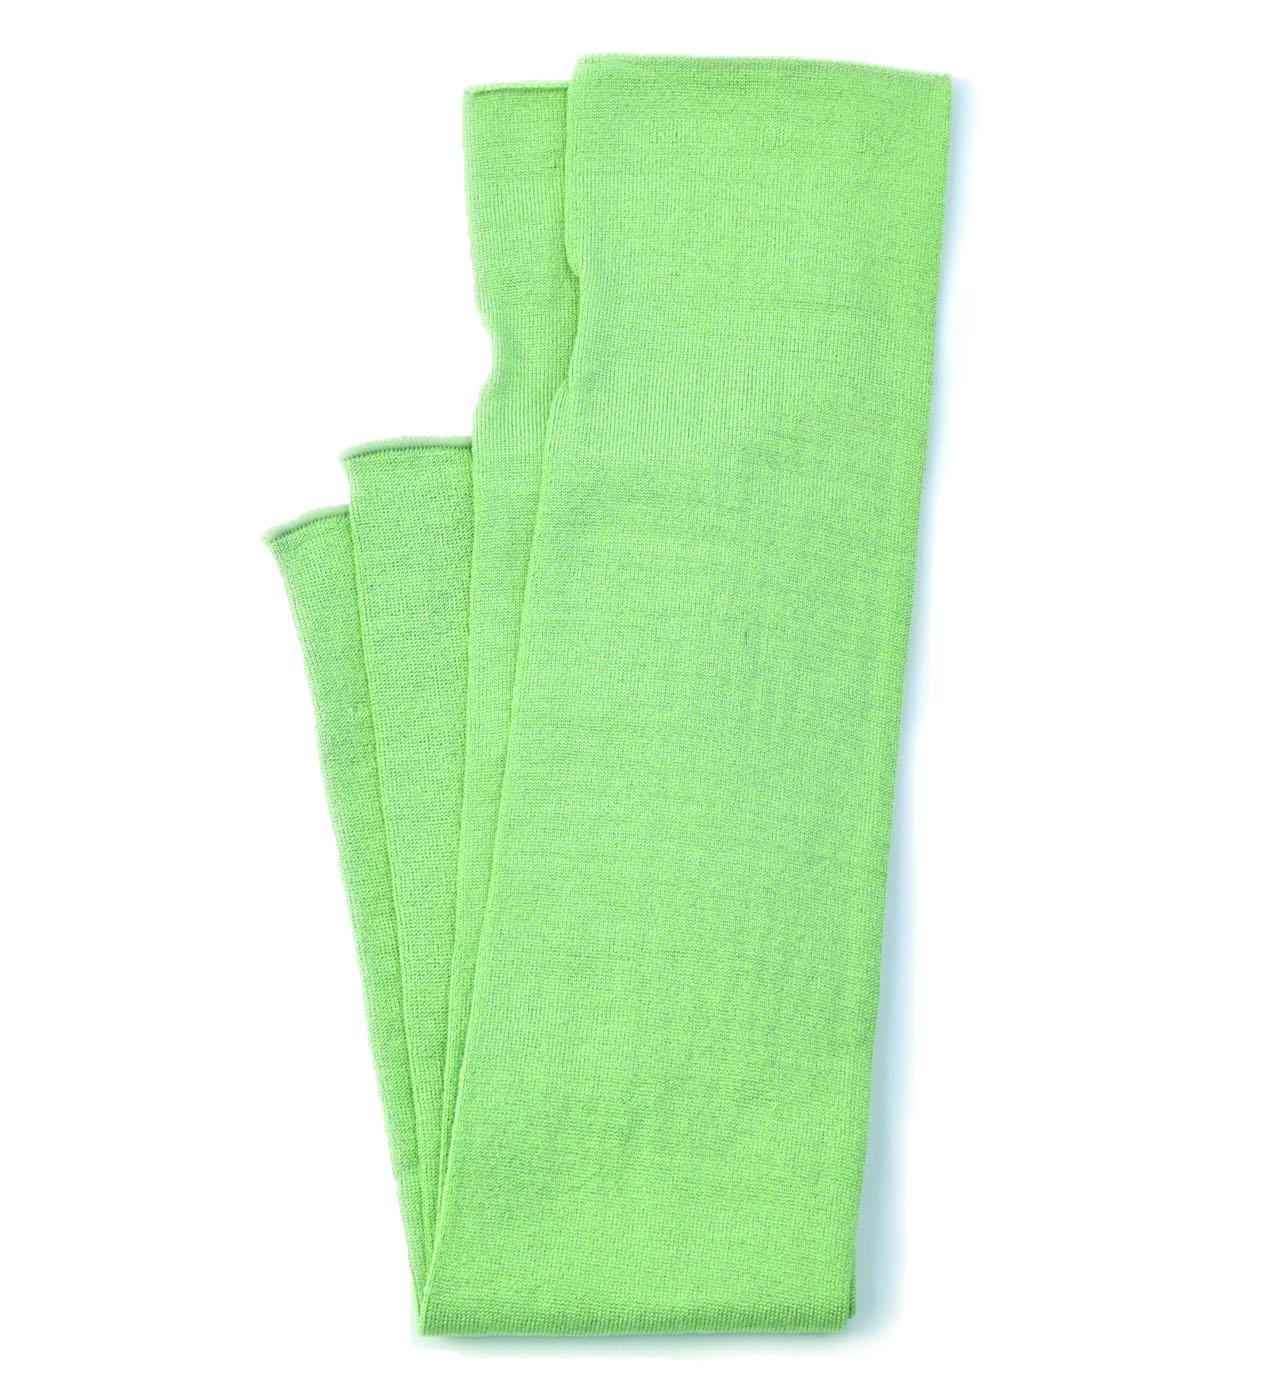 シルク糸でつくったニットアームカバー/グリーン